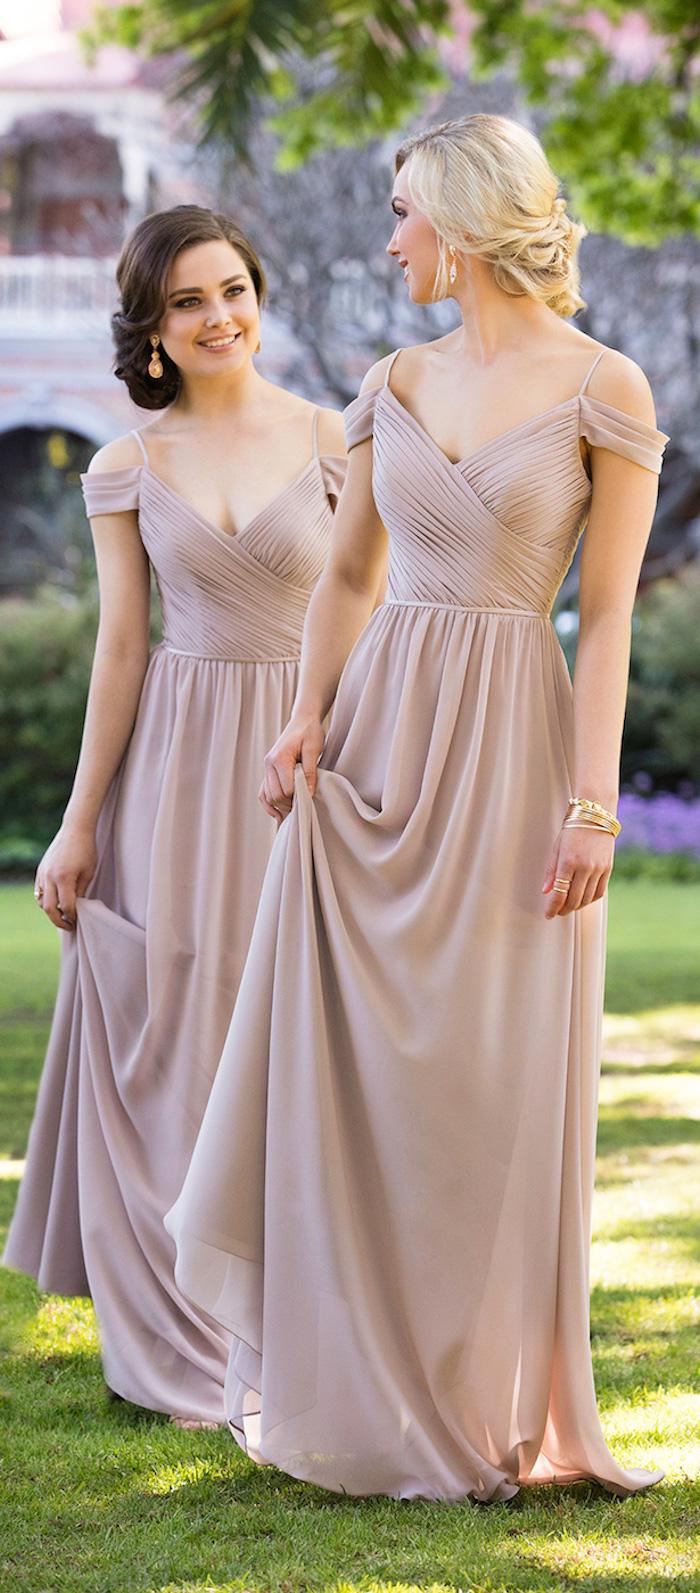 Robe longue rose pâle à manche dénudée, tenue pour assister à un mariage, robe bohème chic mariage moderne